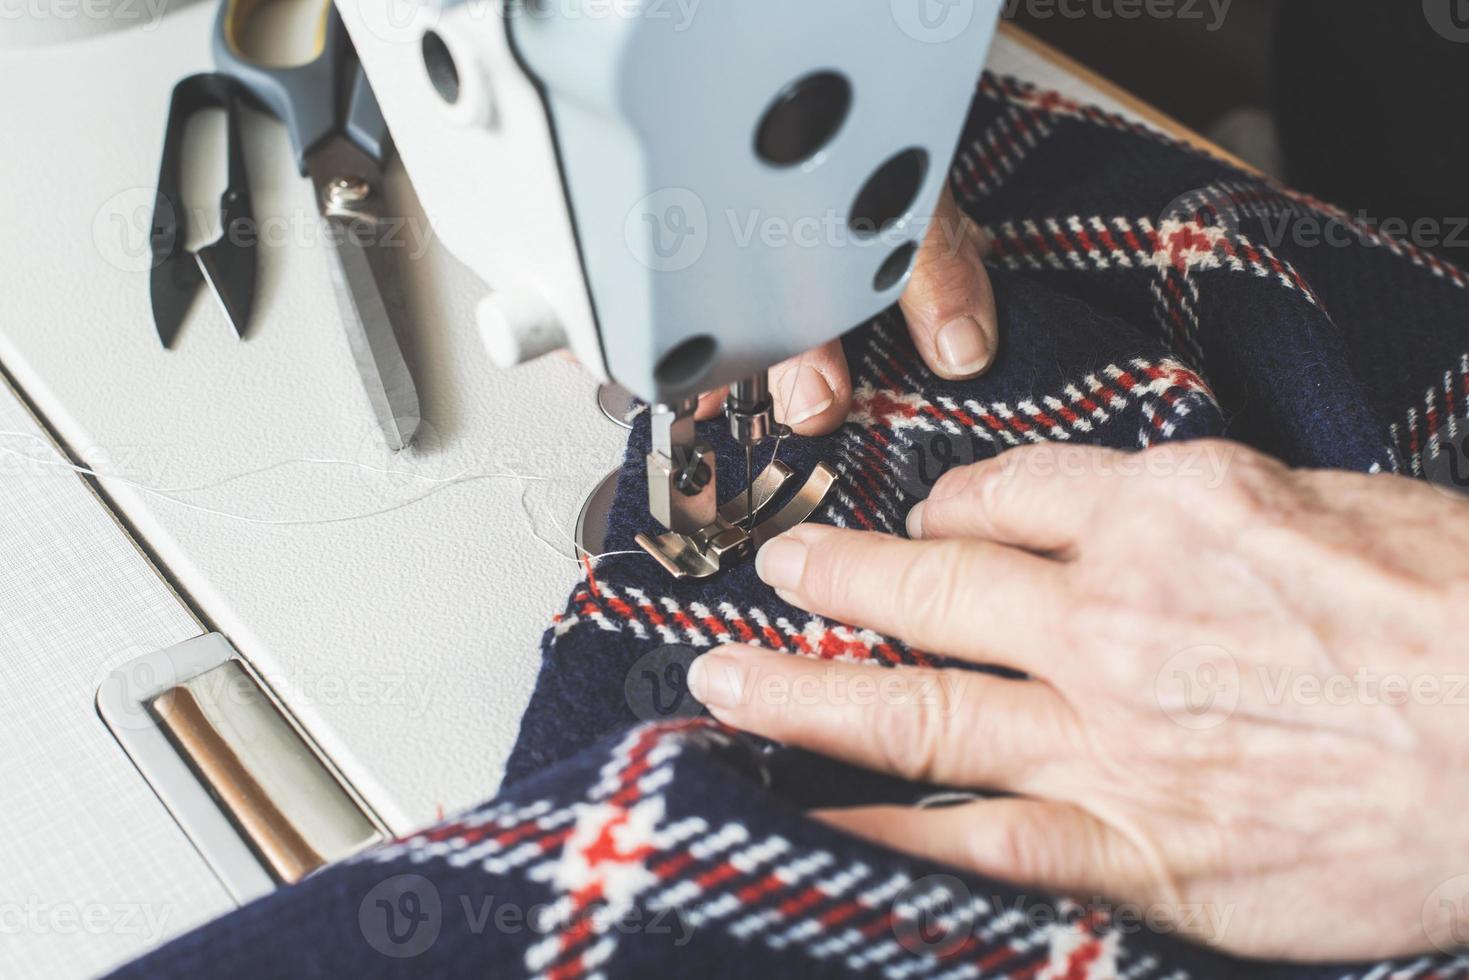 Mujer cosiendo en una máquina de coser. foto